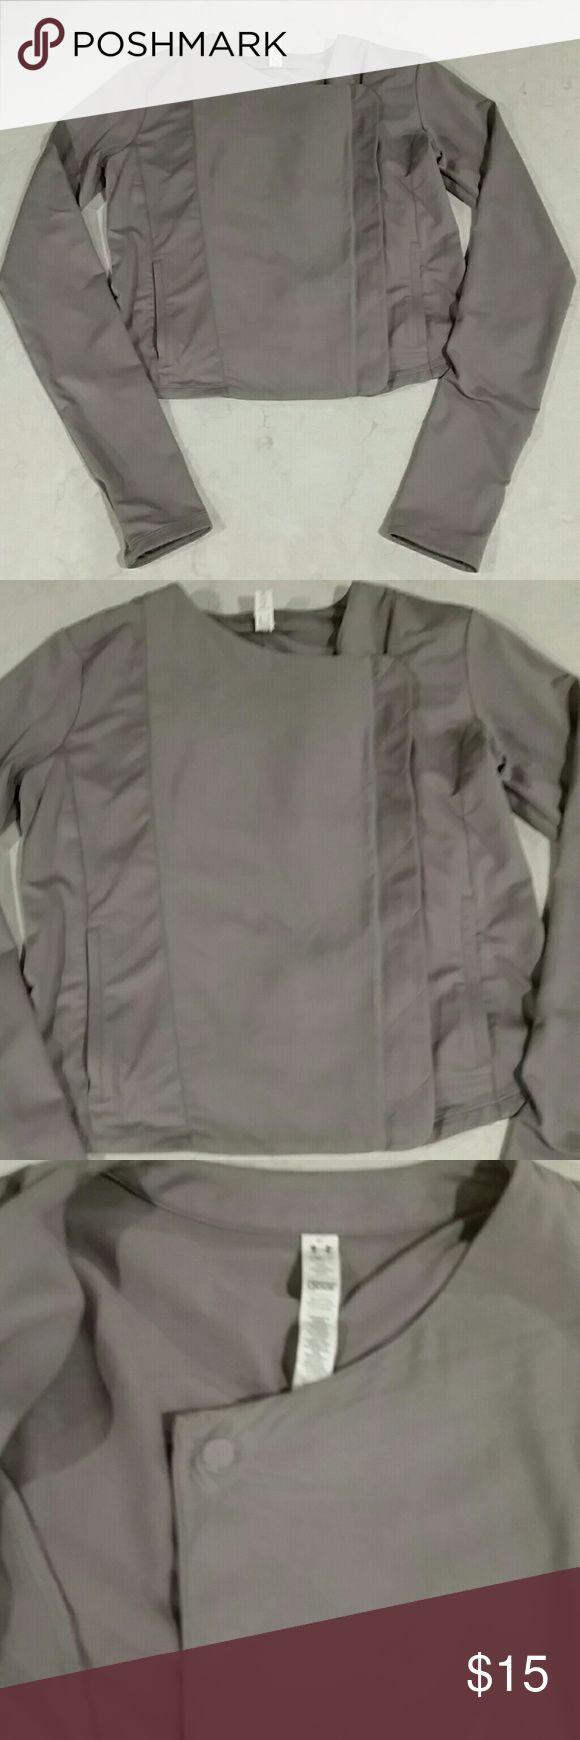 Helly hansen jacket Women's Helly Hansen allseason gear jacket  | S | Helly Hansen Jackets & Coats